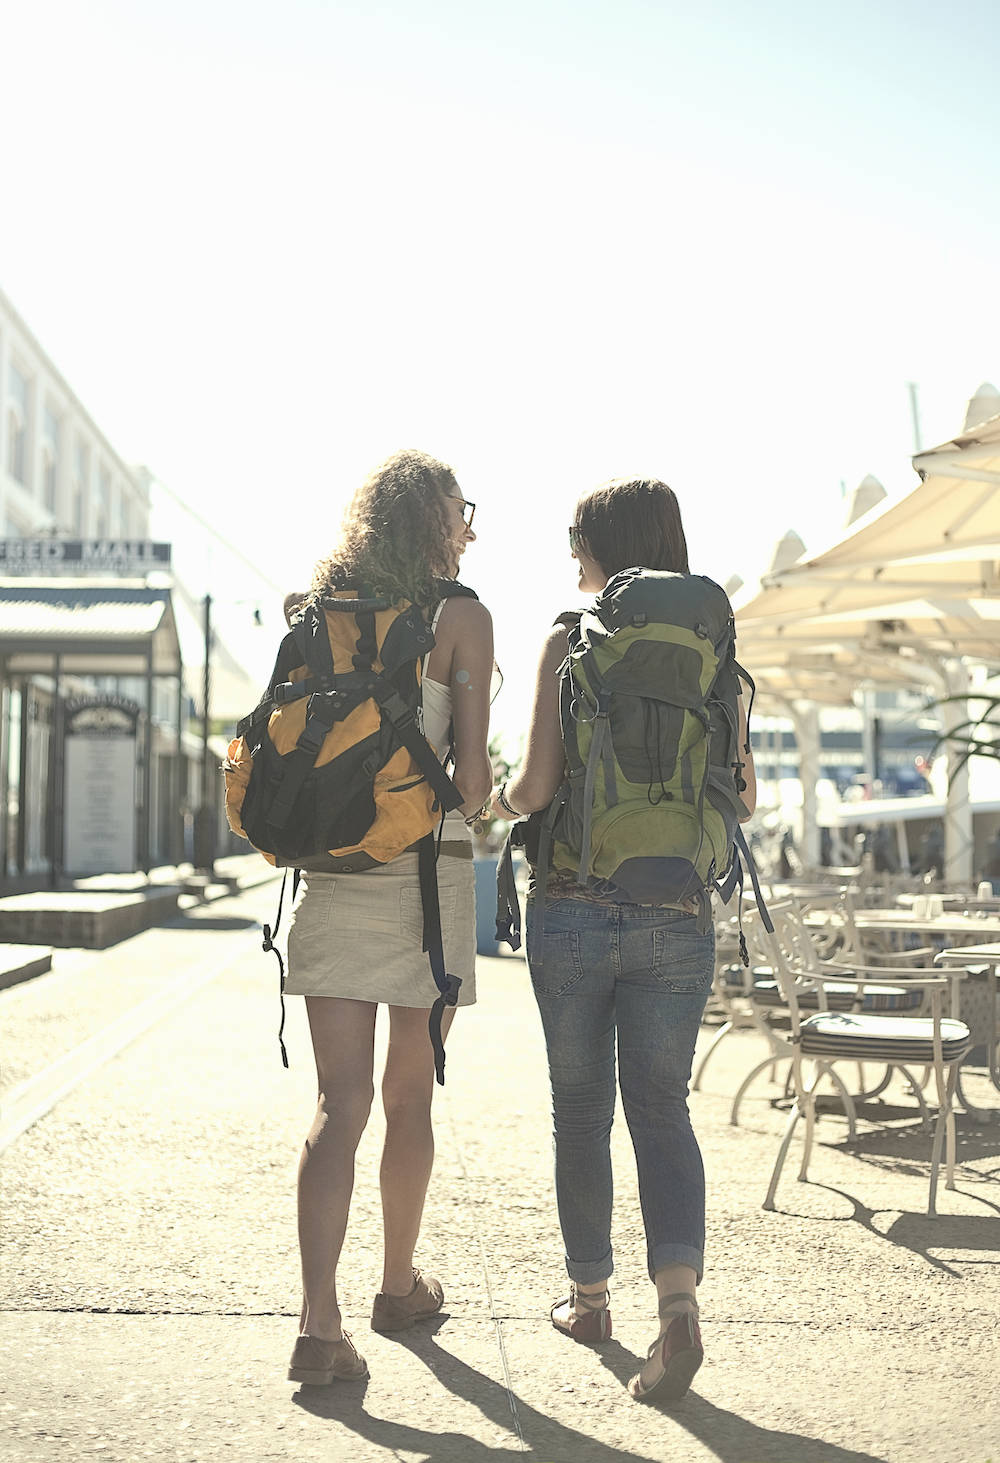 Das Reiseziel mit einem Local zu erkunden, bringt viel mehr Spaß als bloßes Sightseeing